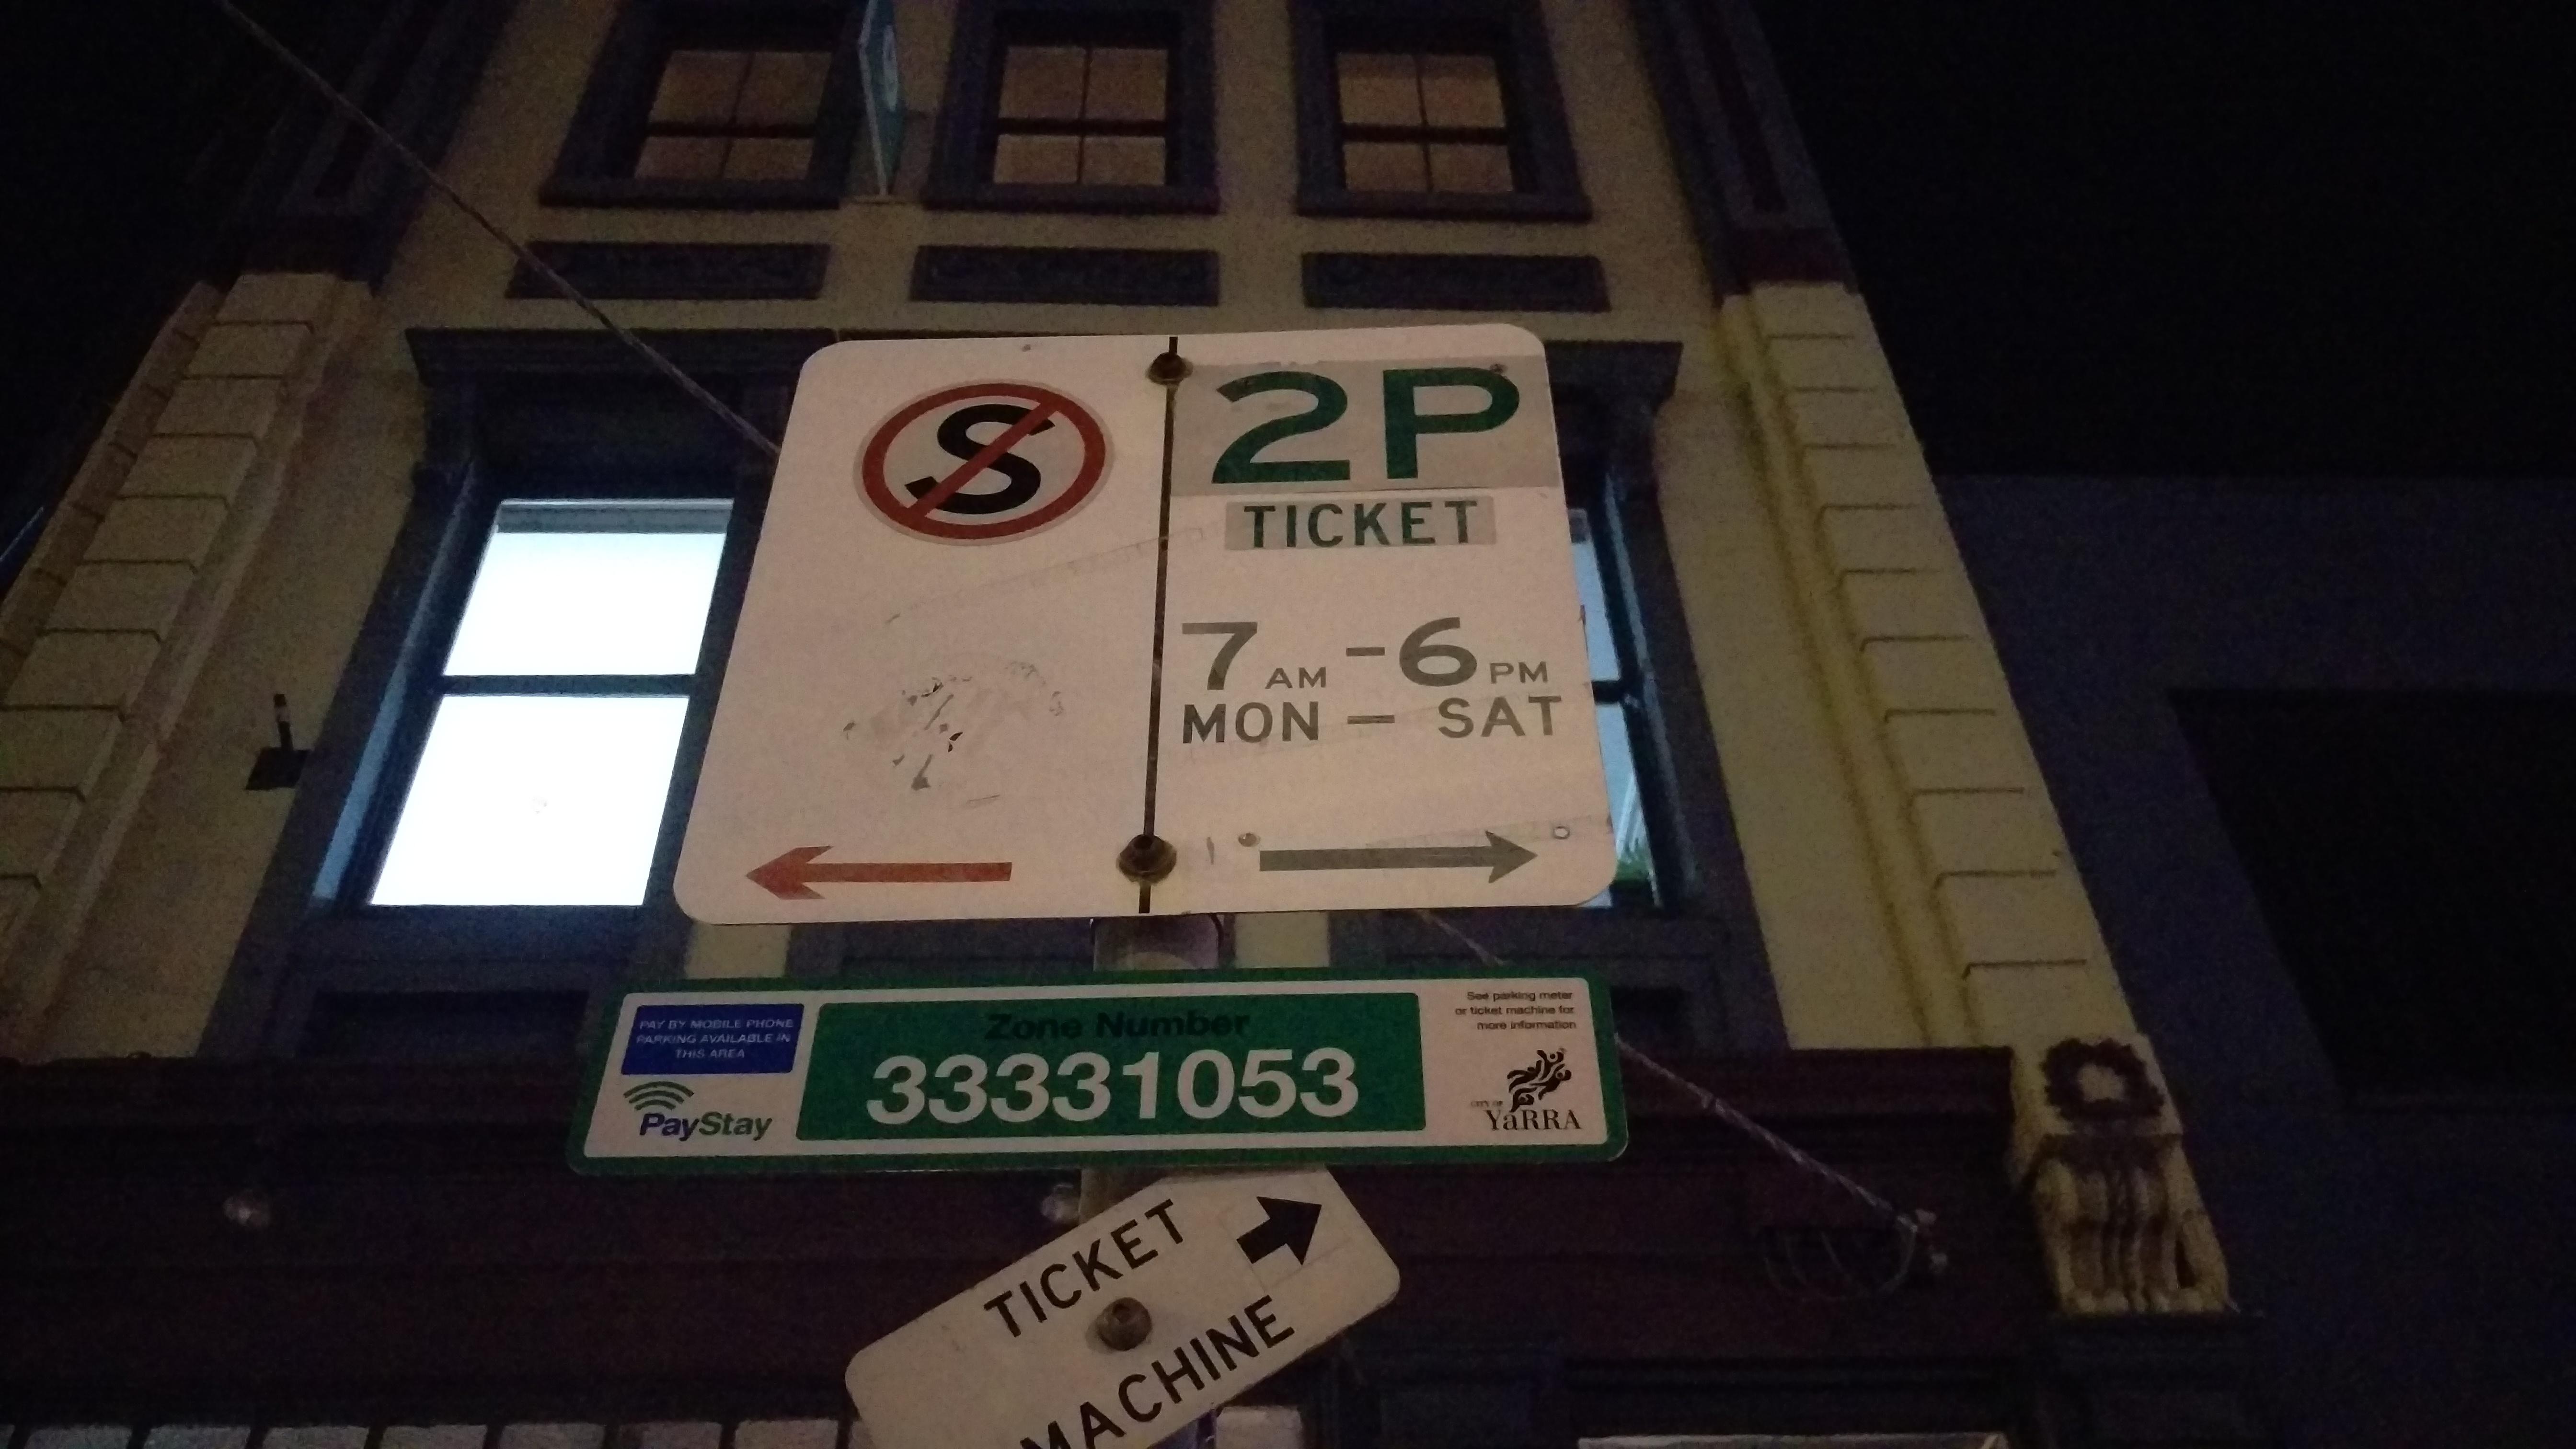 Zone 33331053 / 2P TICKET / 7AM - 6PM MON - SAT